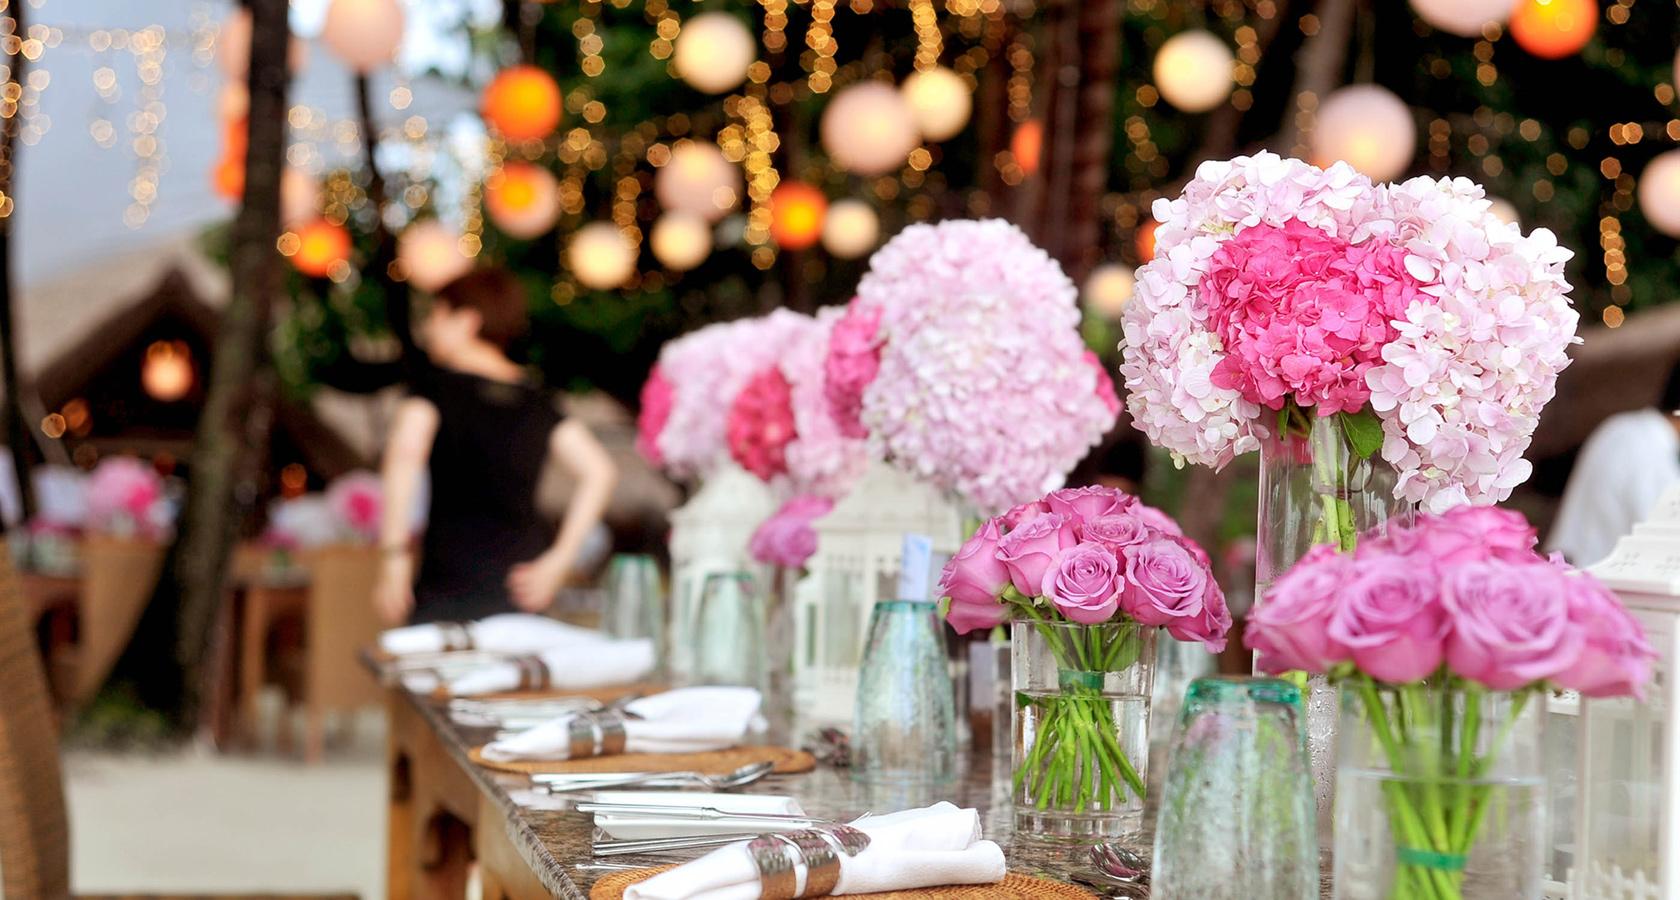 Mein Fest - Rosen schenken, dekorieren mit LIEBLINGSROSEN